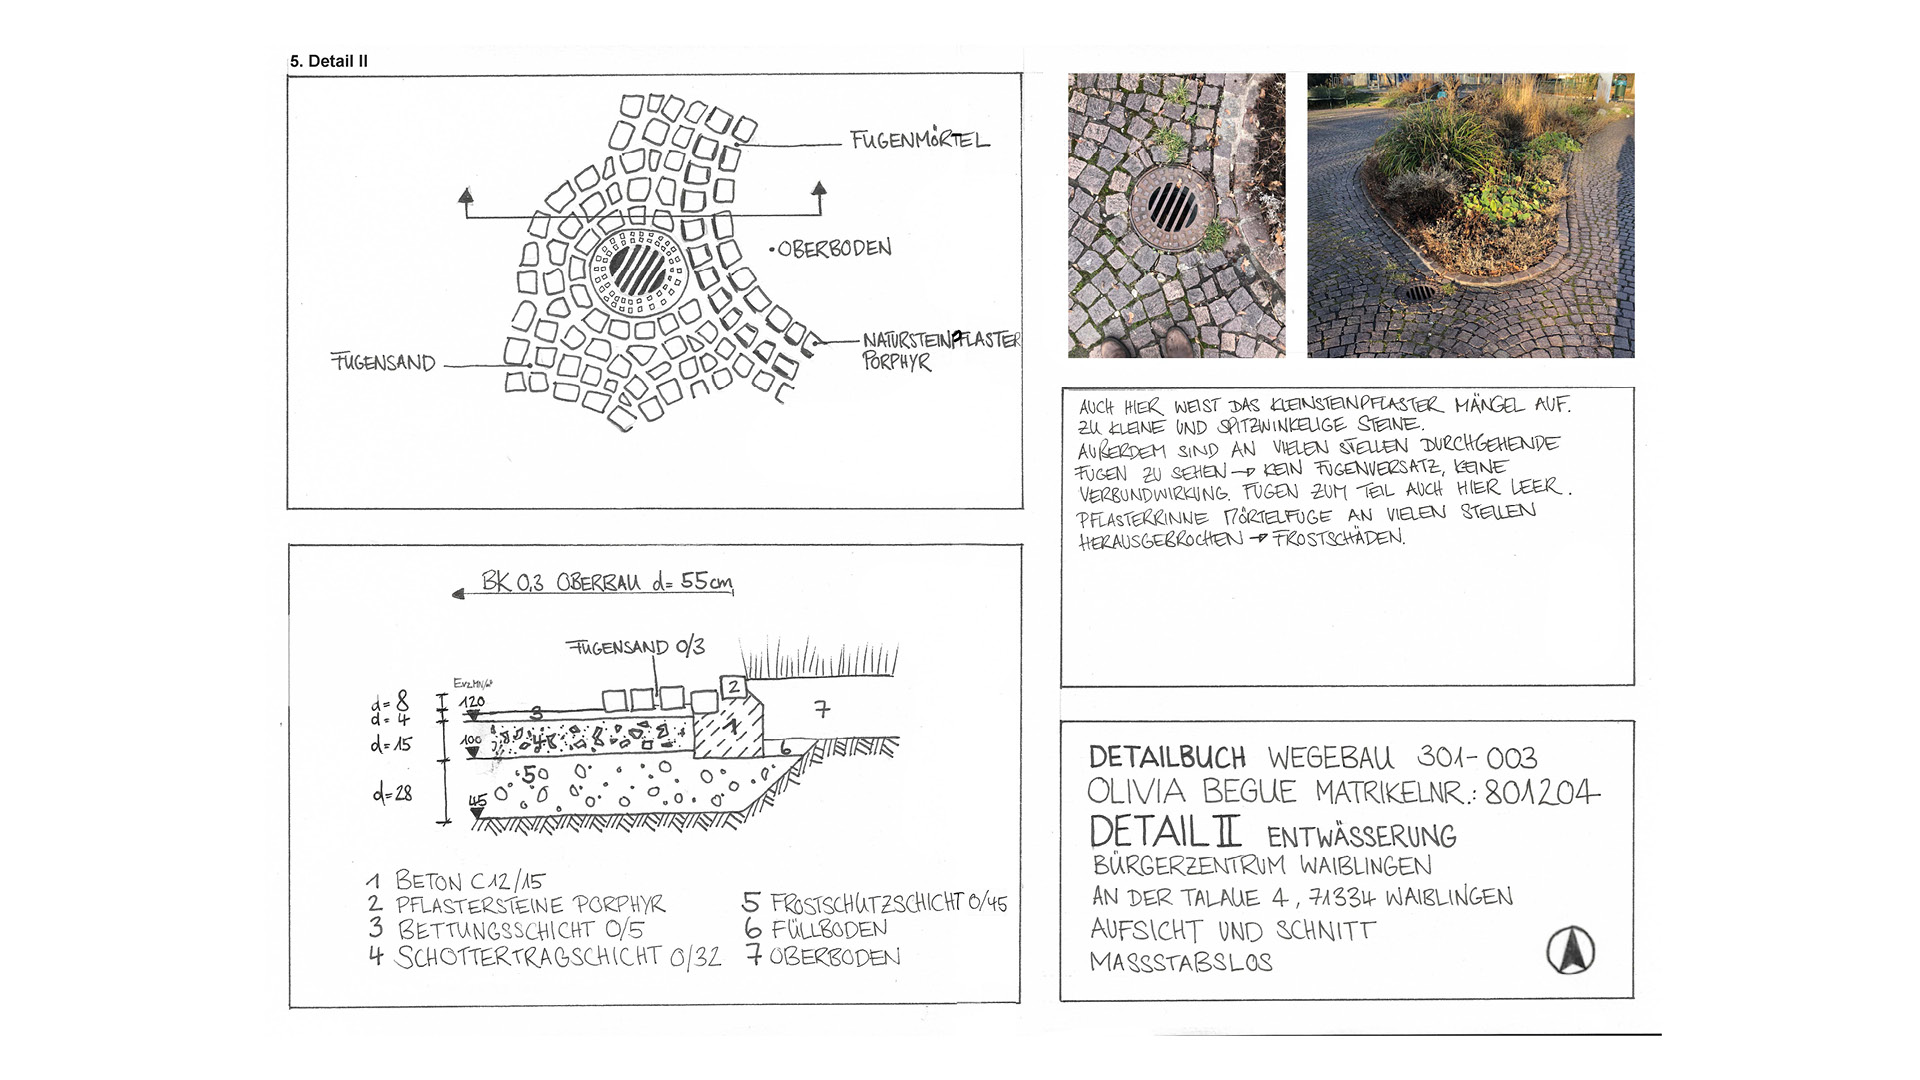 Detailbuch7